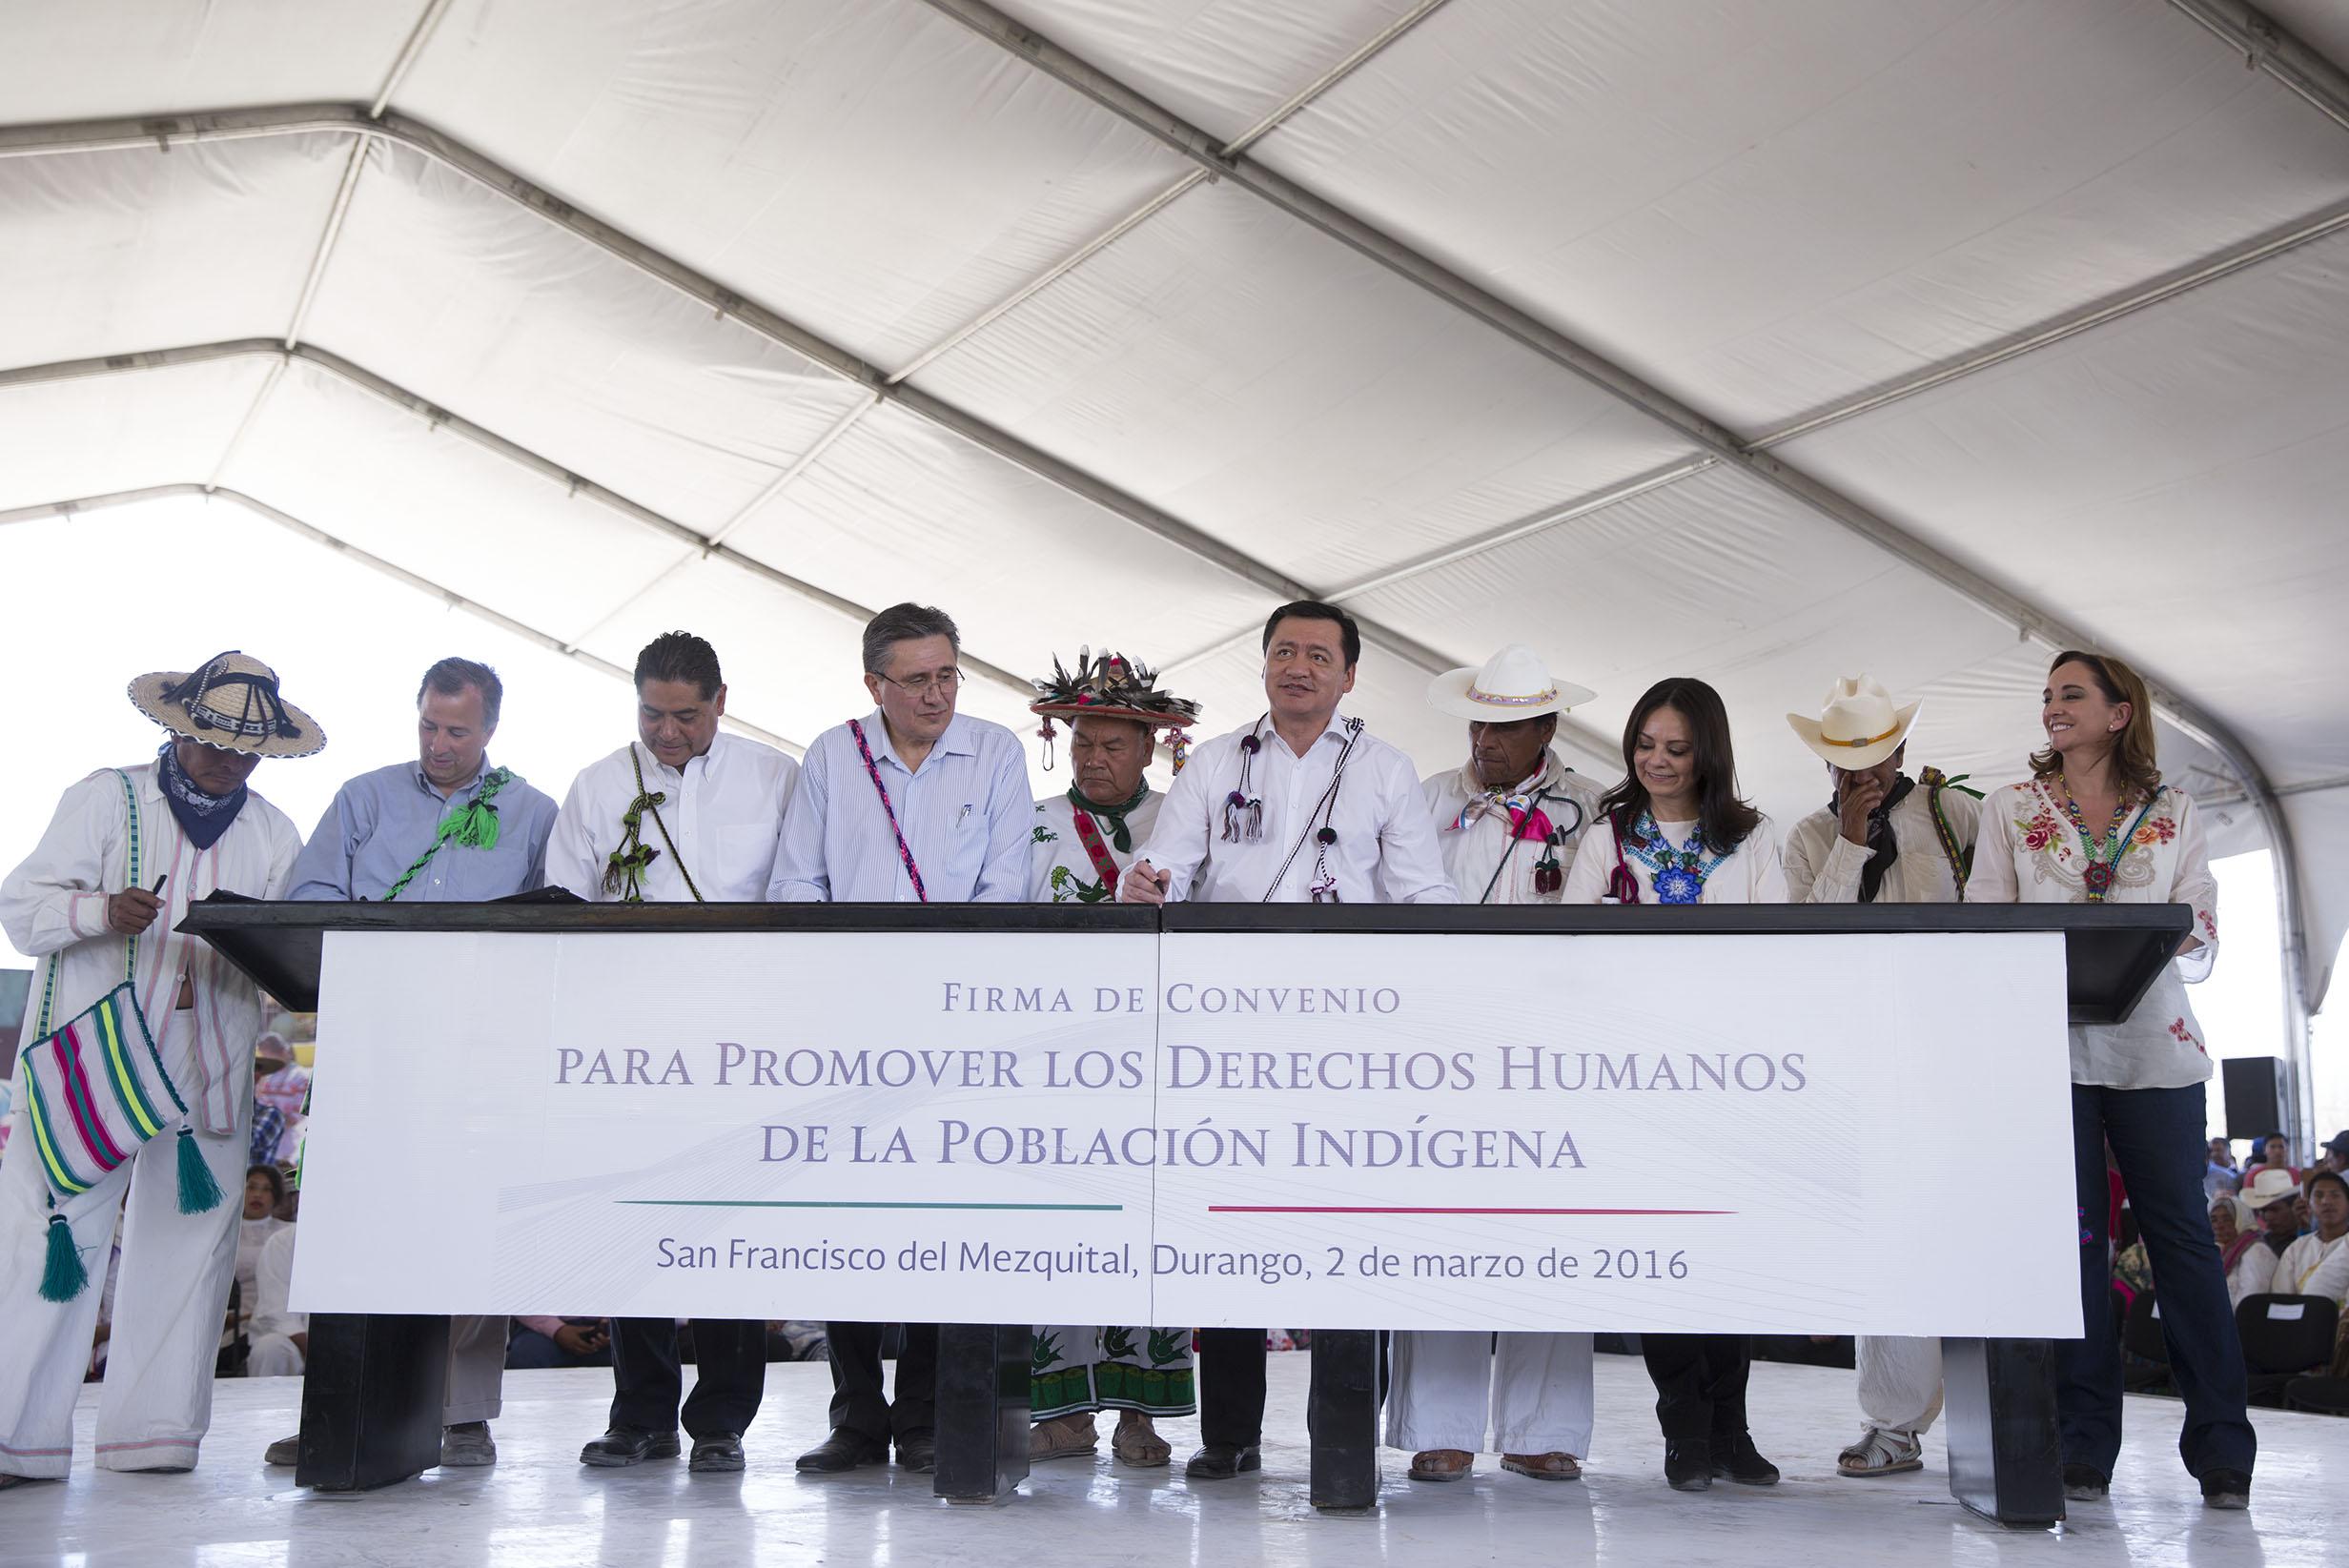 FOTO 1 Firma del convenio para promover los Derechos Humanos de la Poblaci n Ind gena.jpg